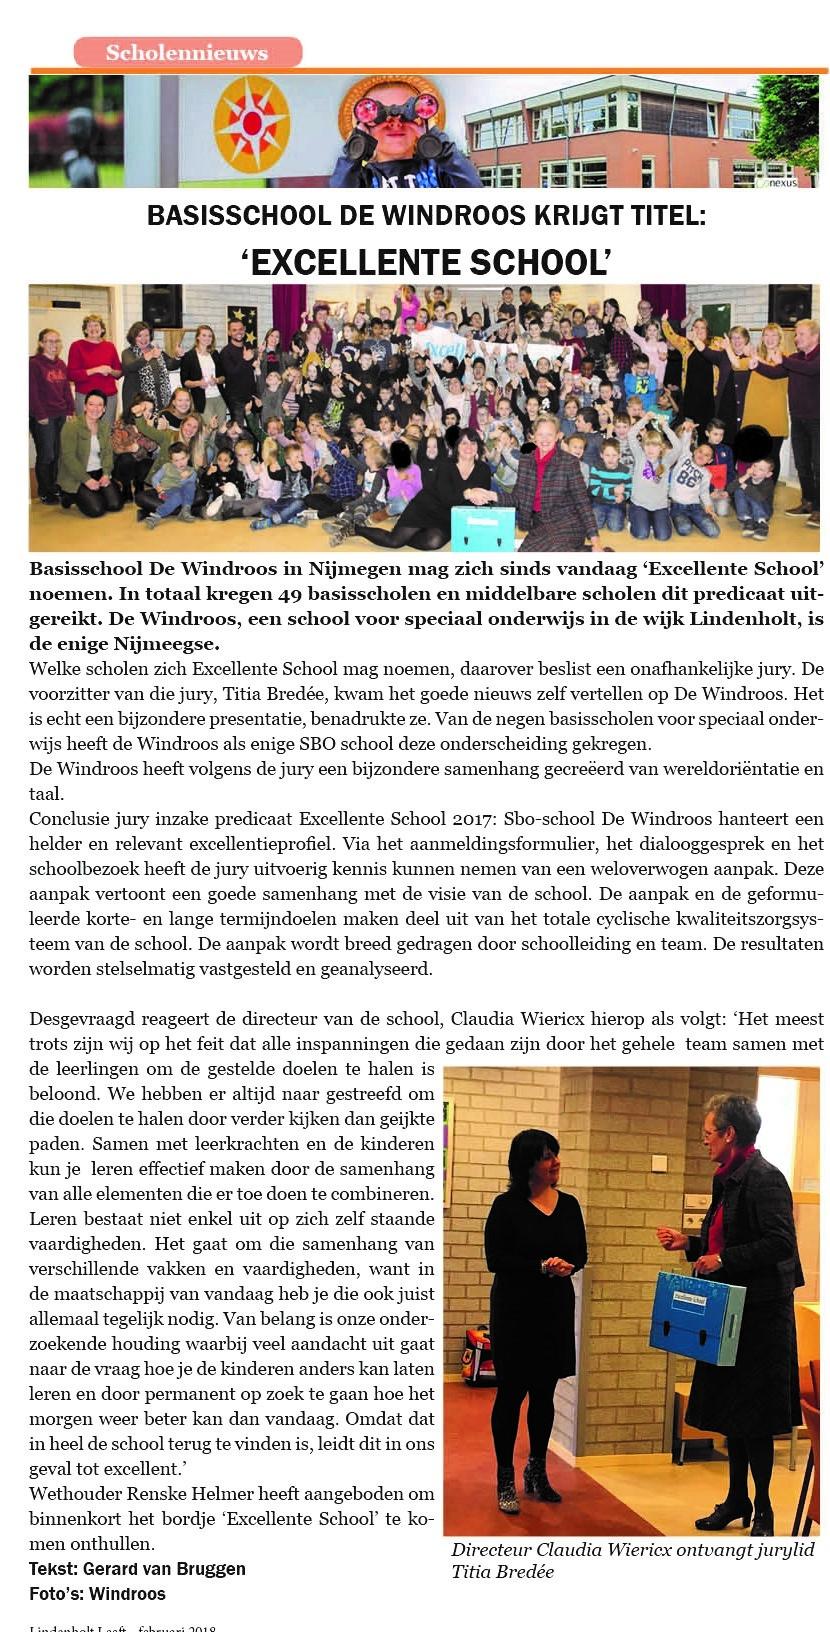 Basisschool de Windroos Lindenholt krijgt titel 'Excellente school'